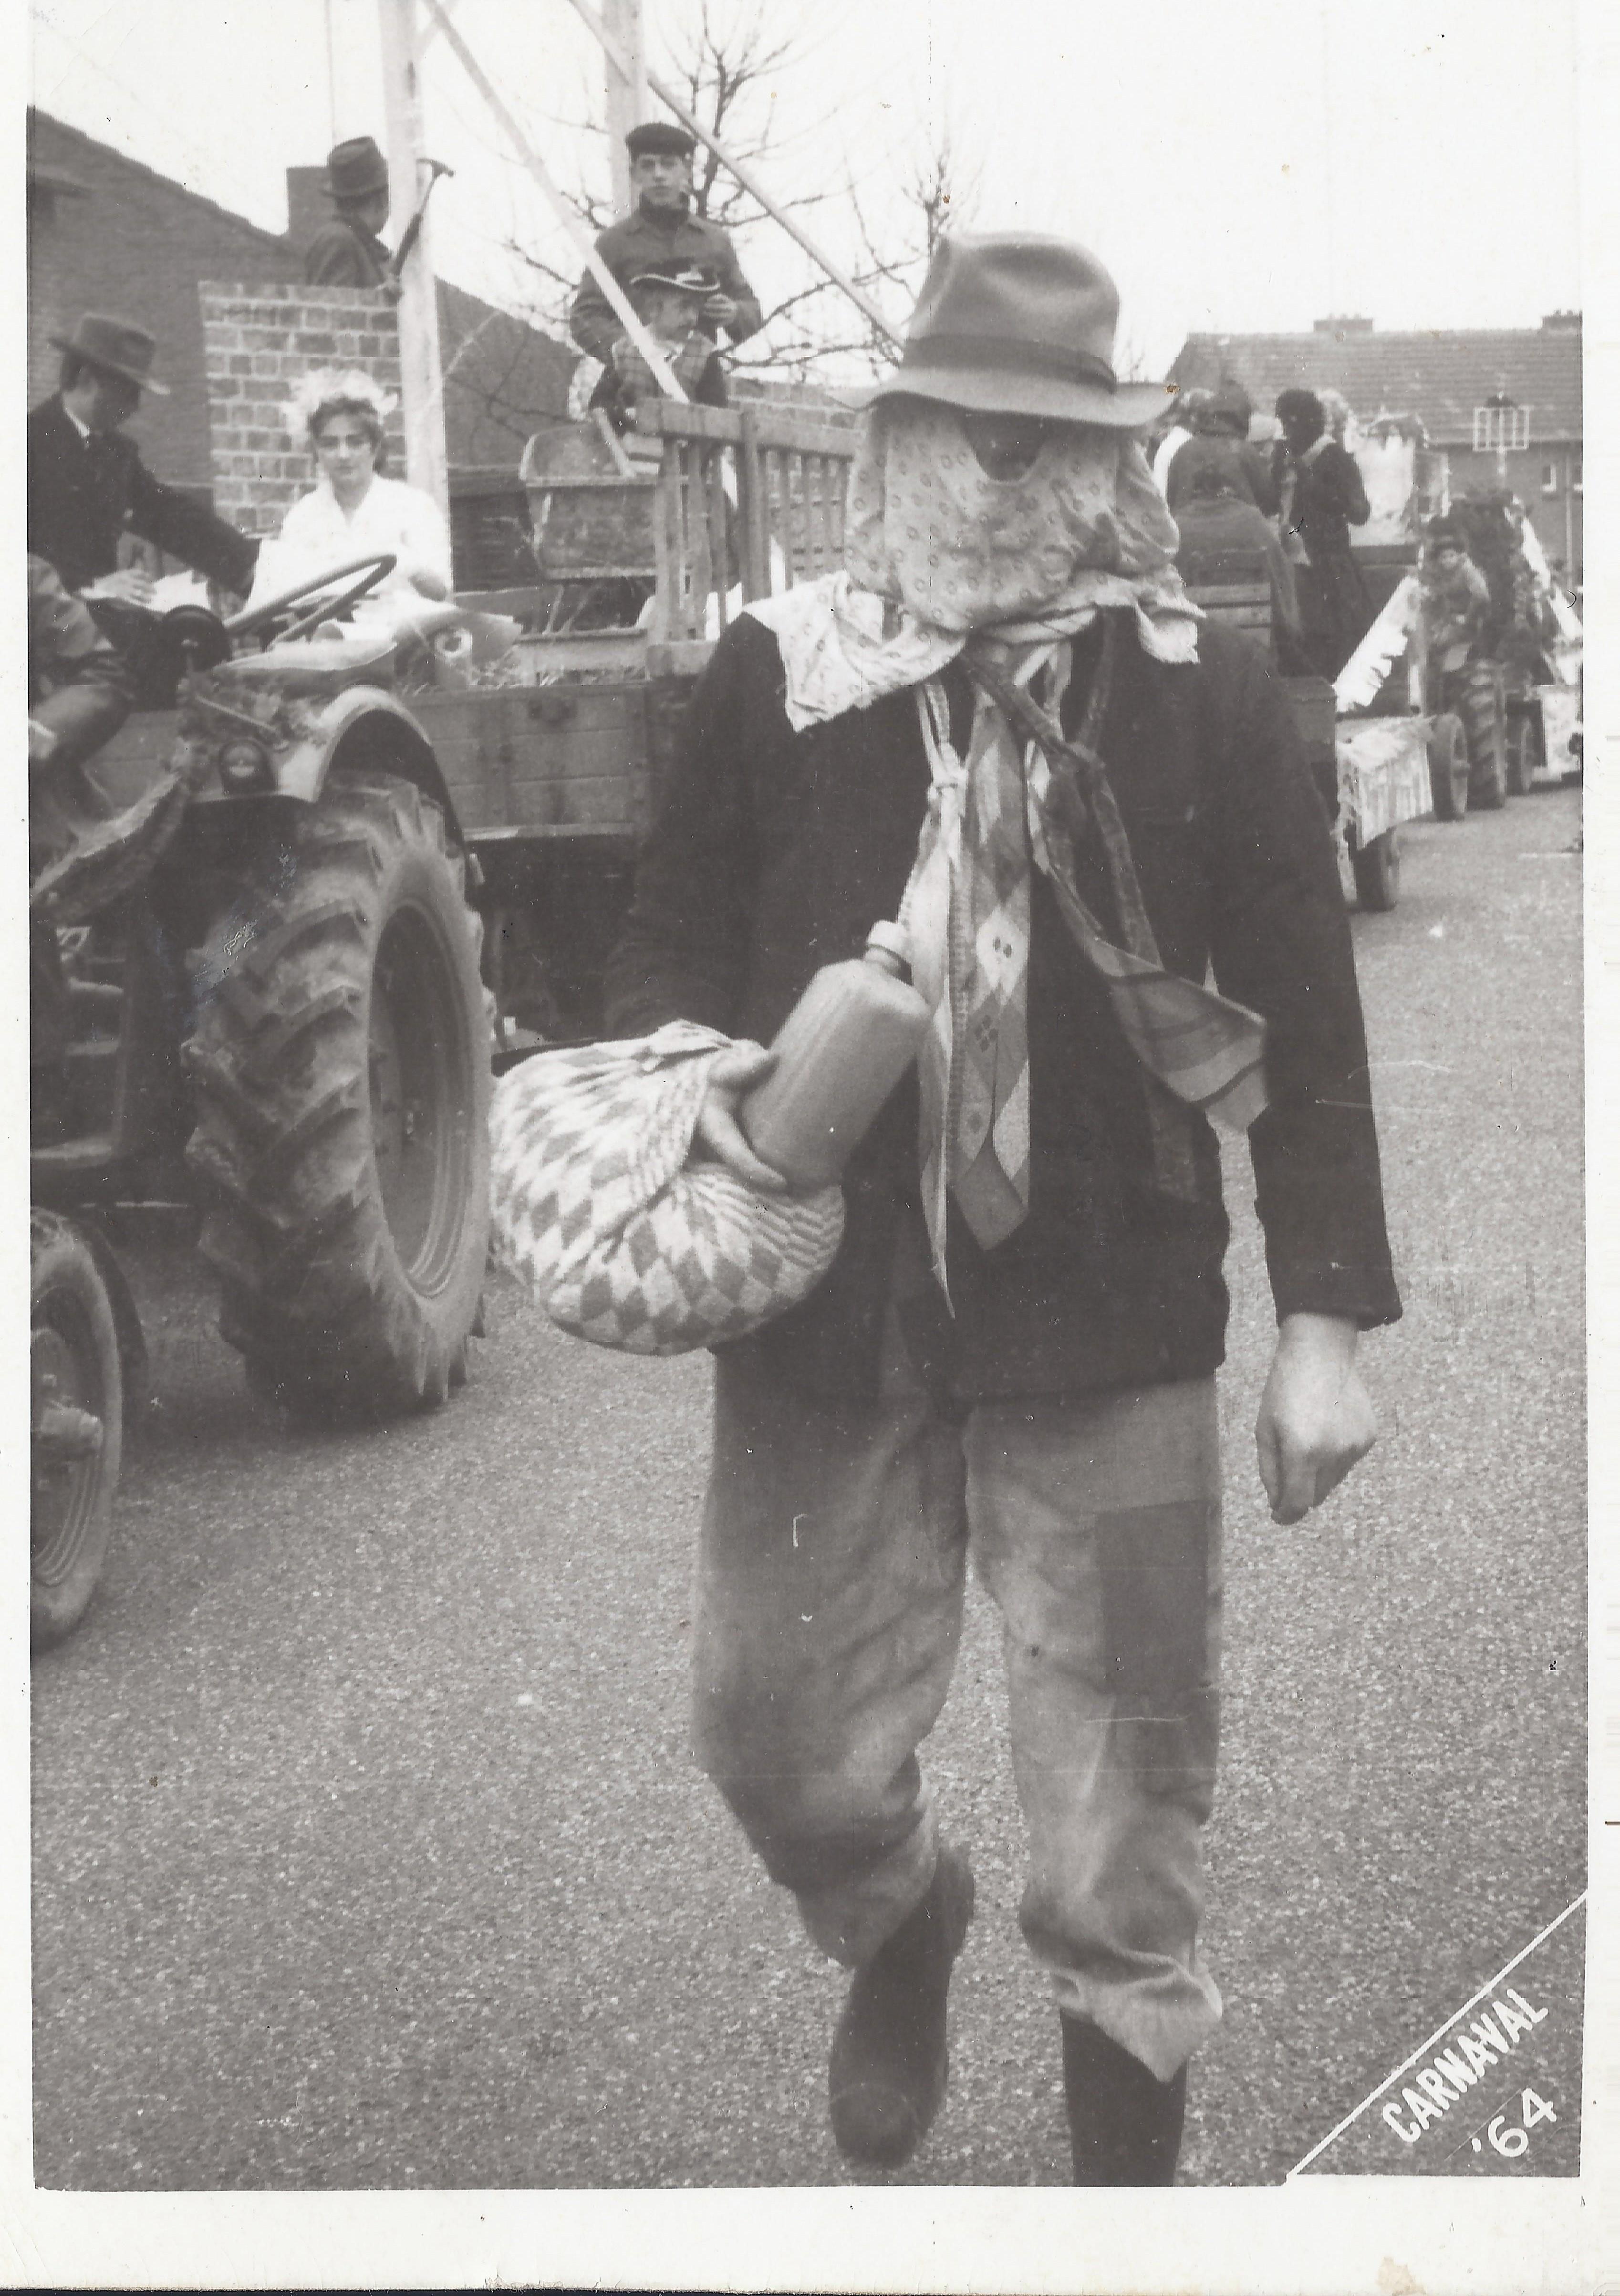 jo stevens carnaval 1964 (mart stevens)